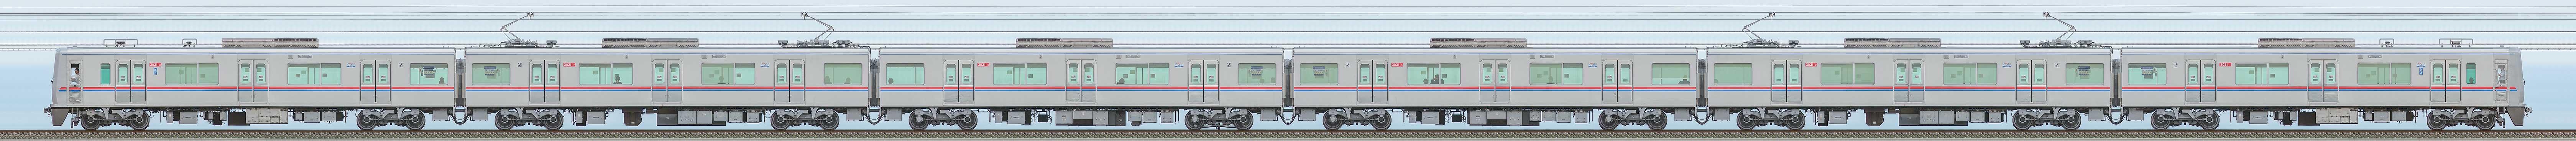 京成3000形(11次車)3031編成(海側)の編成サイドビュー